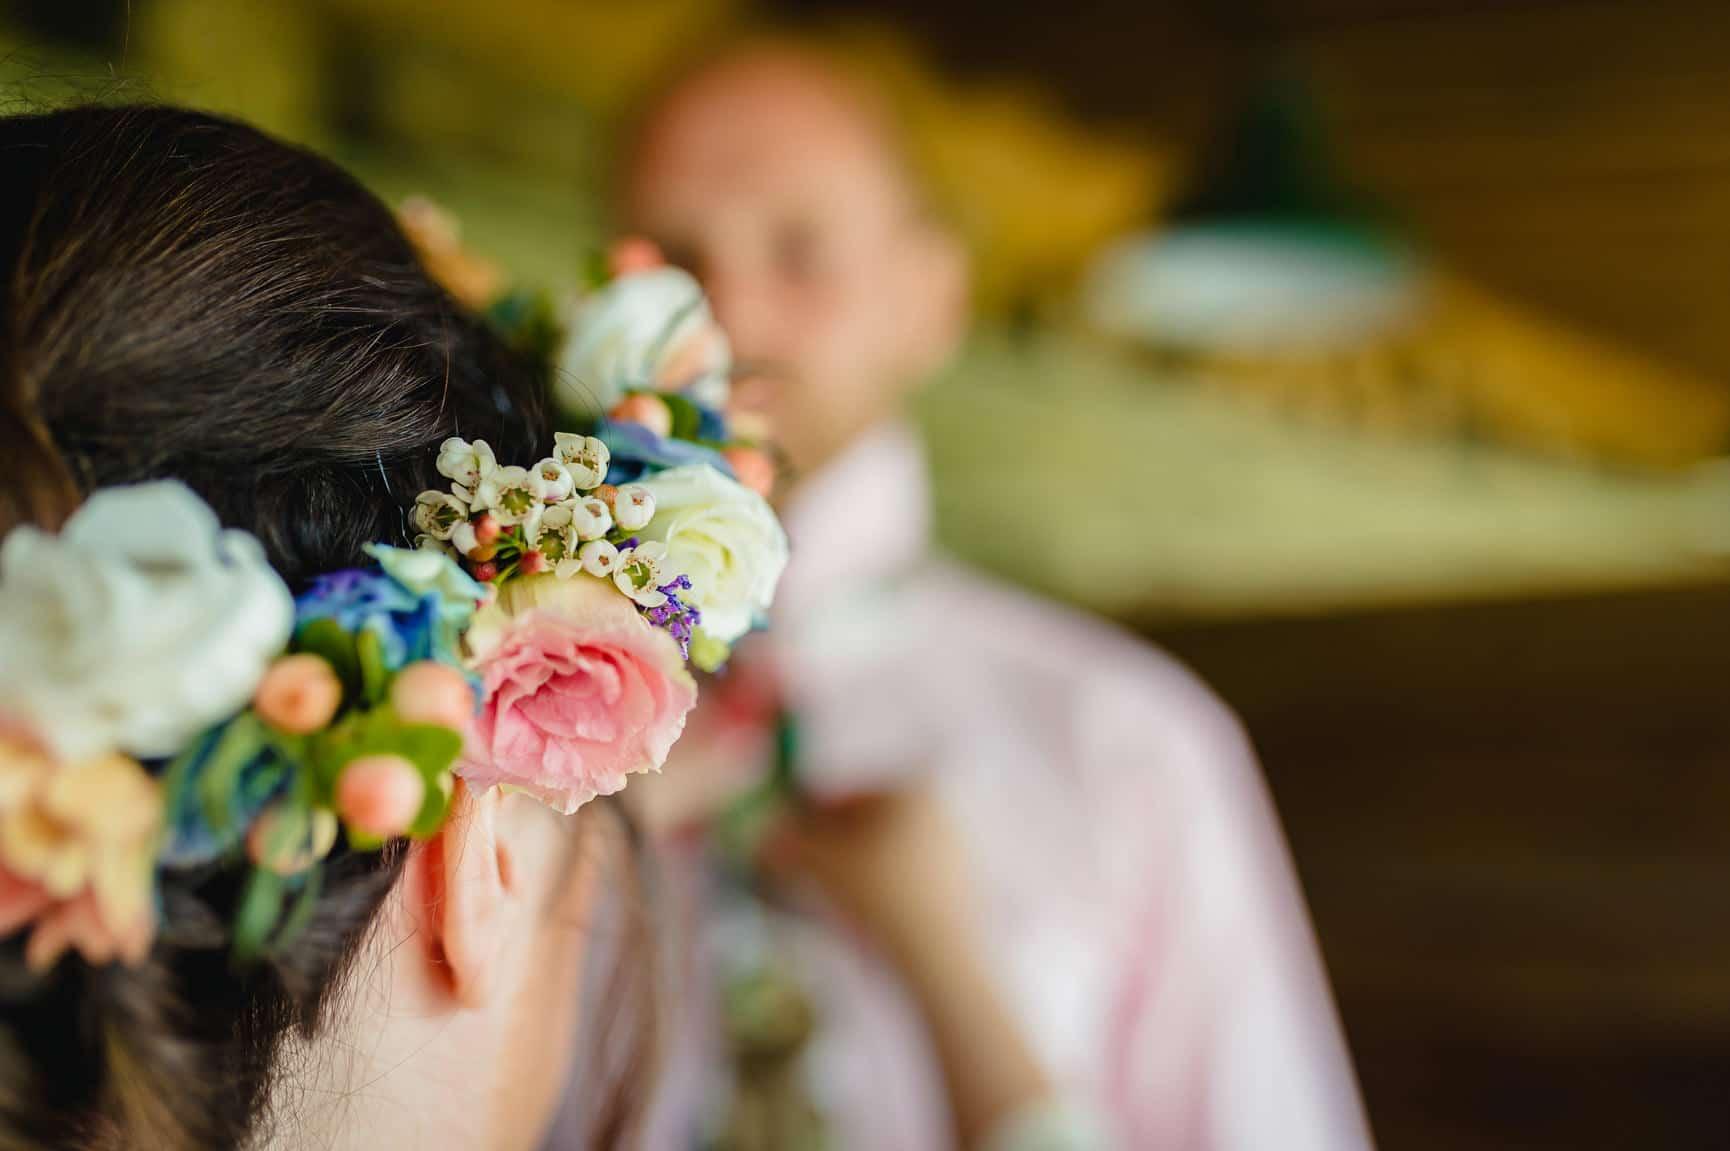 Fforest Wedding, Cardigan, Wales - Lauren and Gareth 26